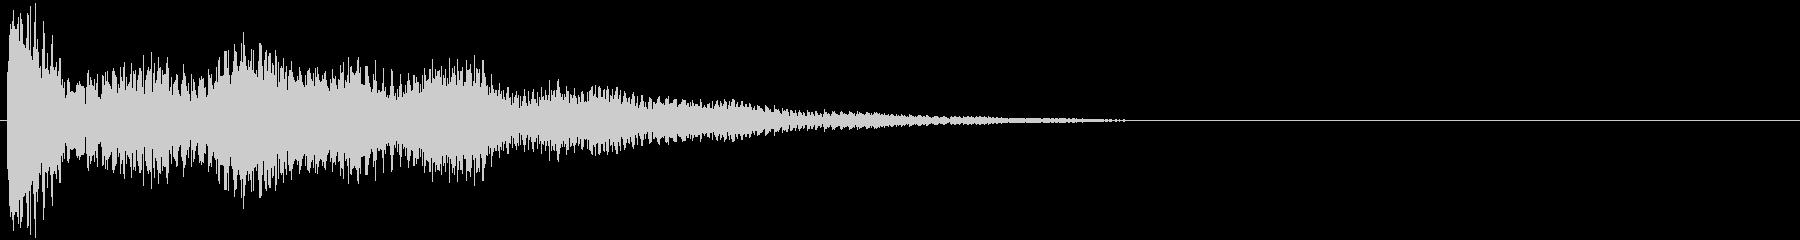 強化されたプラクテッドシンセアクセント2の未再生の波形